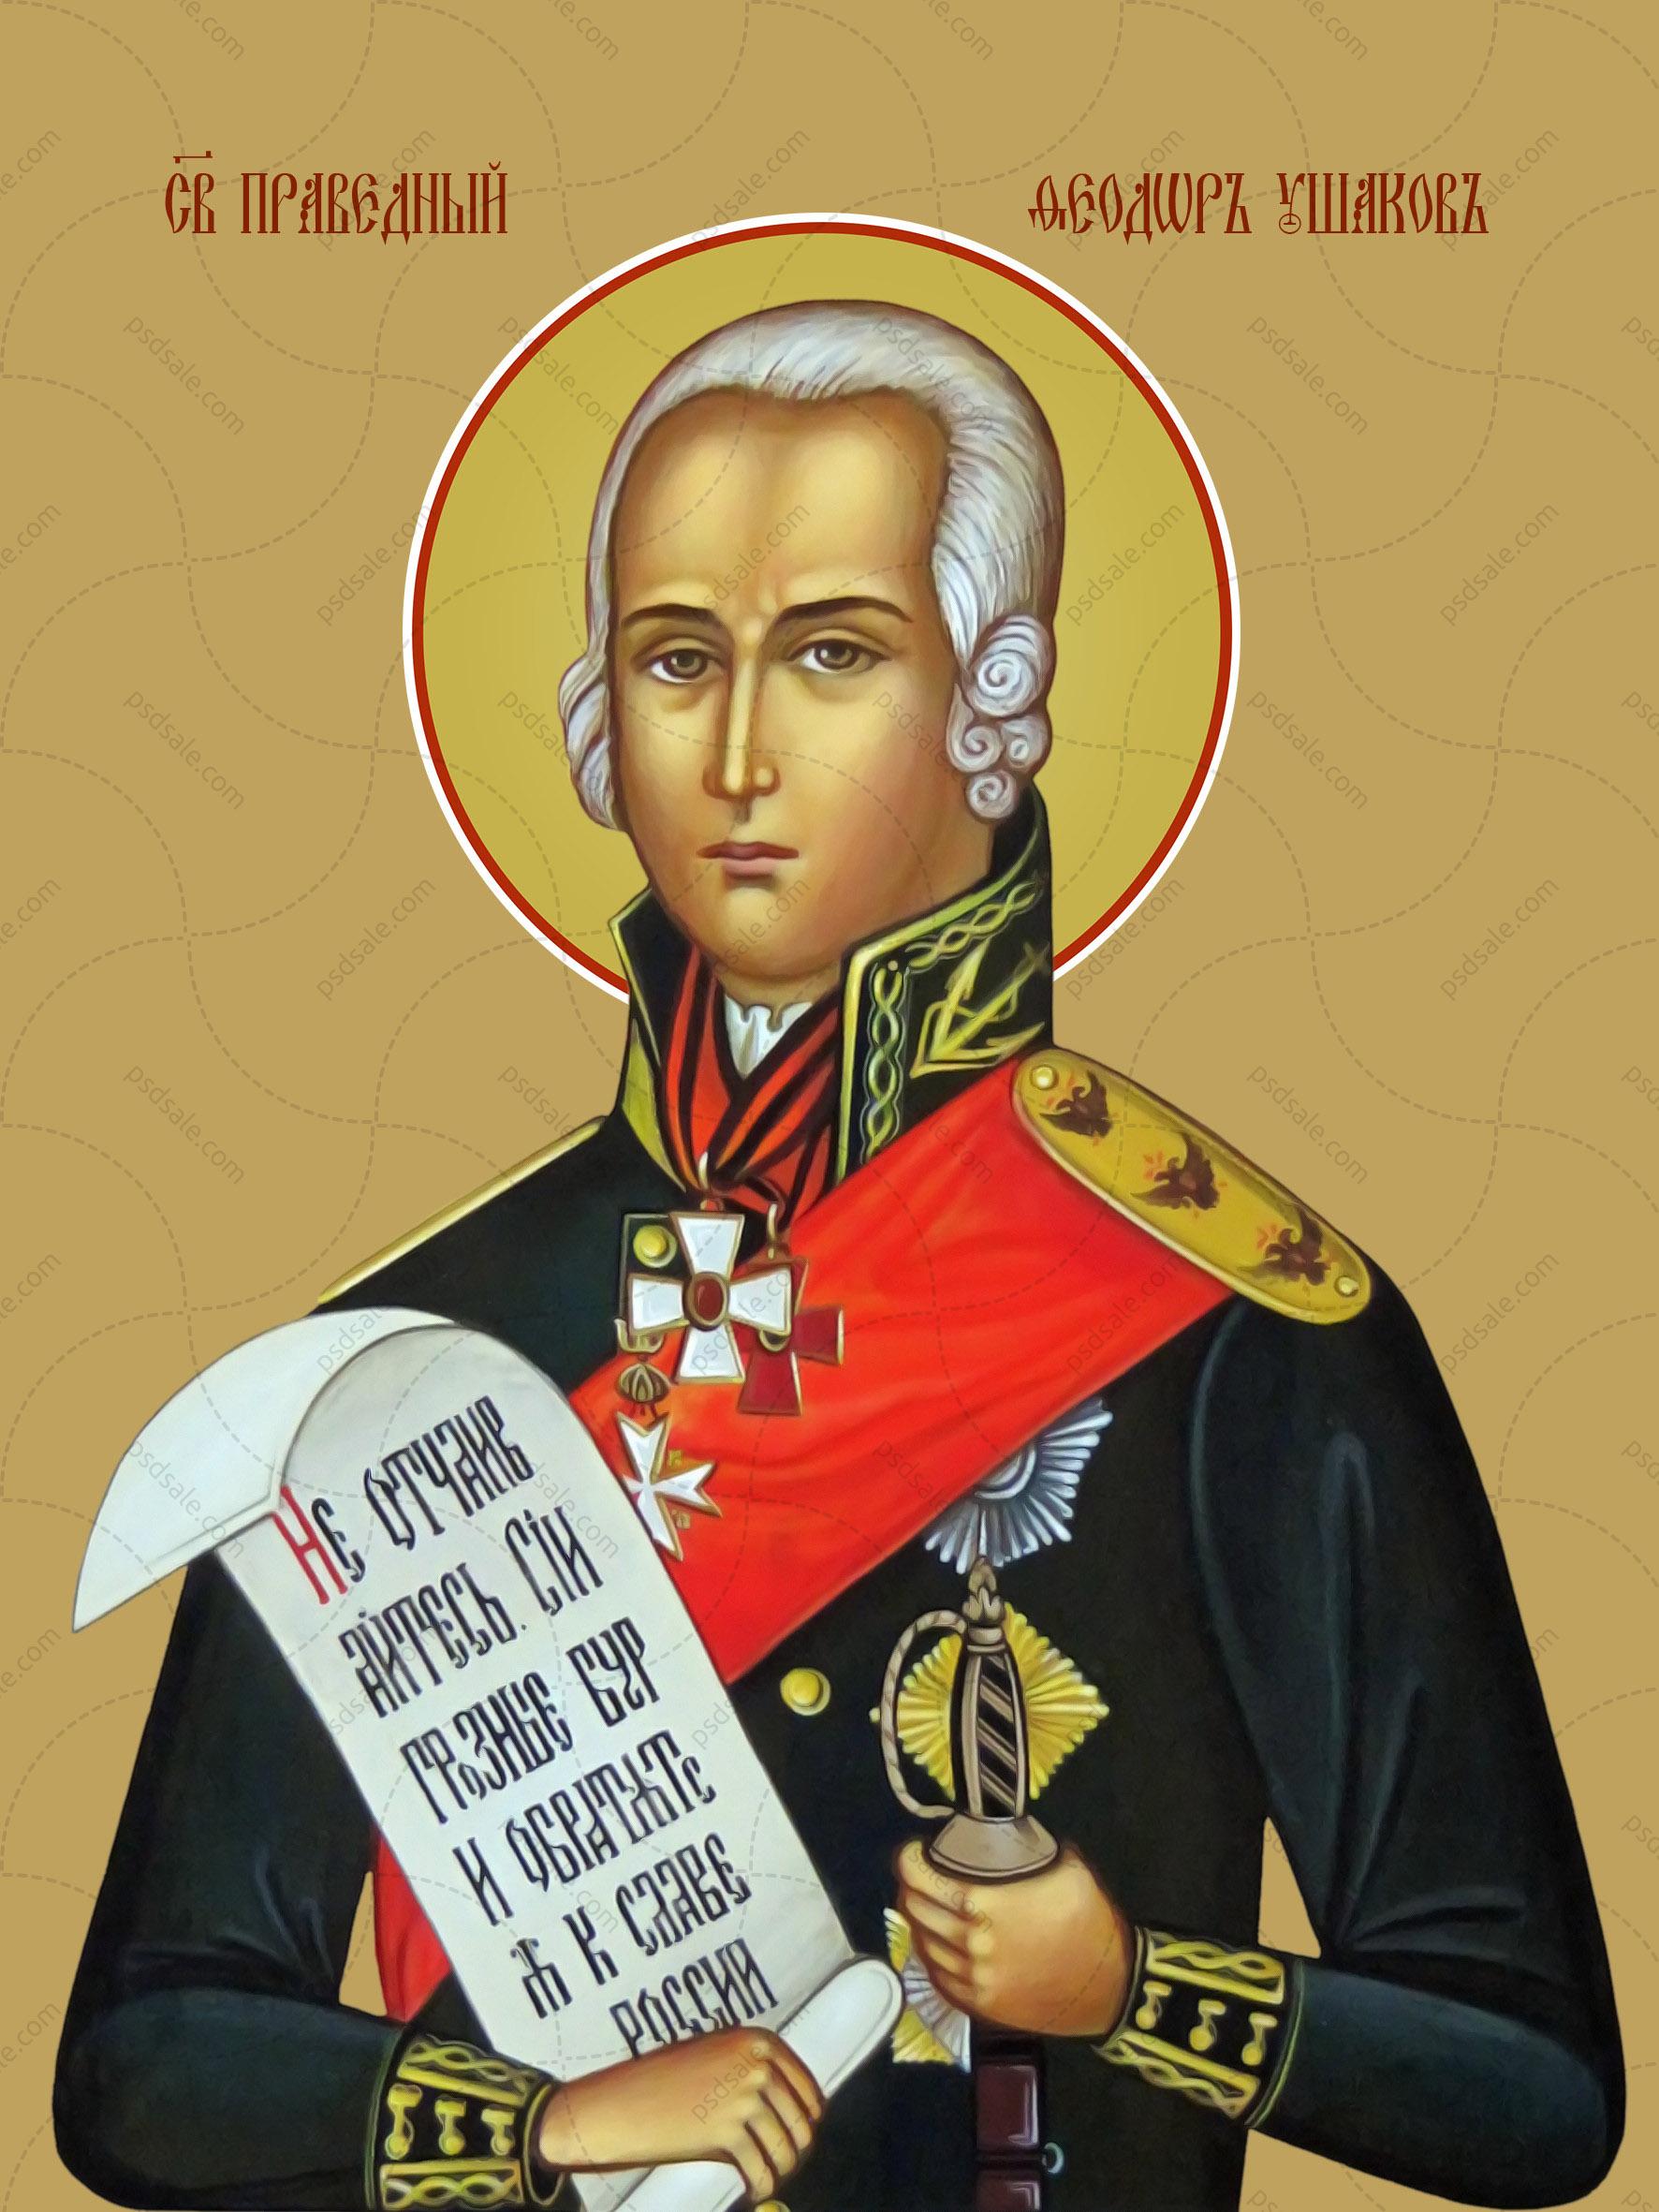 Федор Ушаков, святой праведный